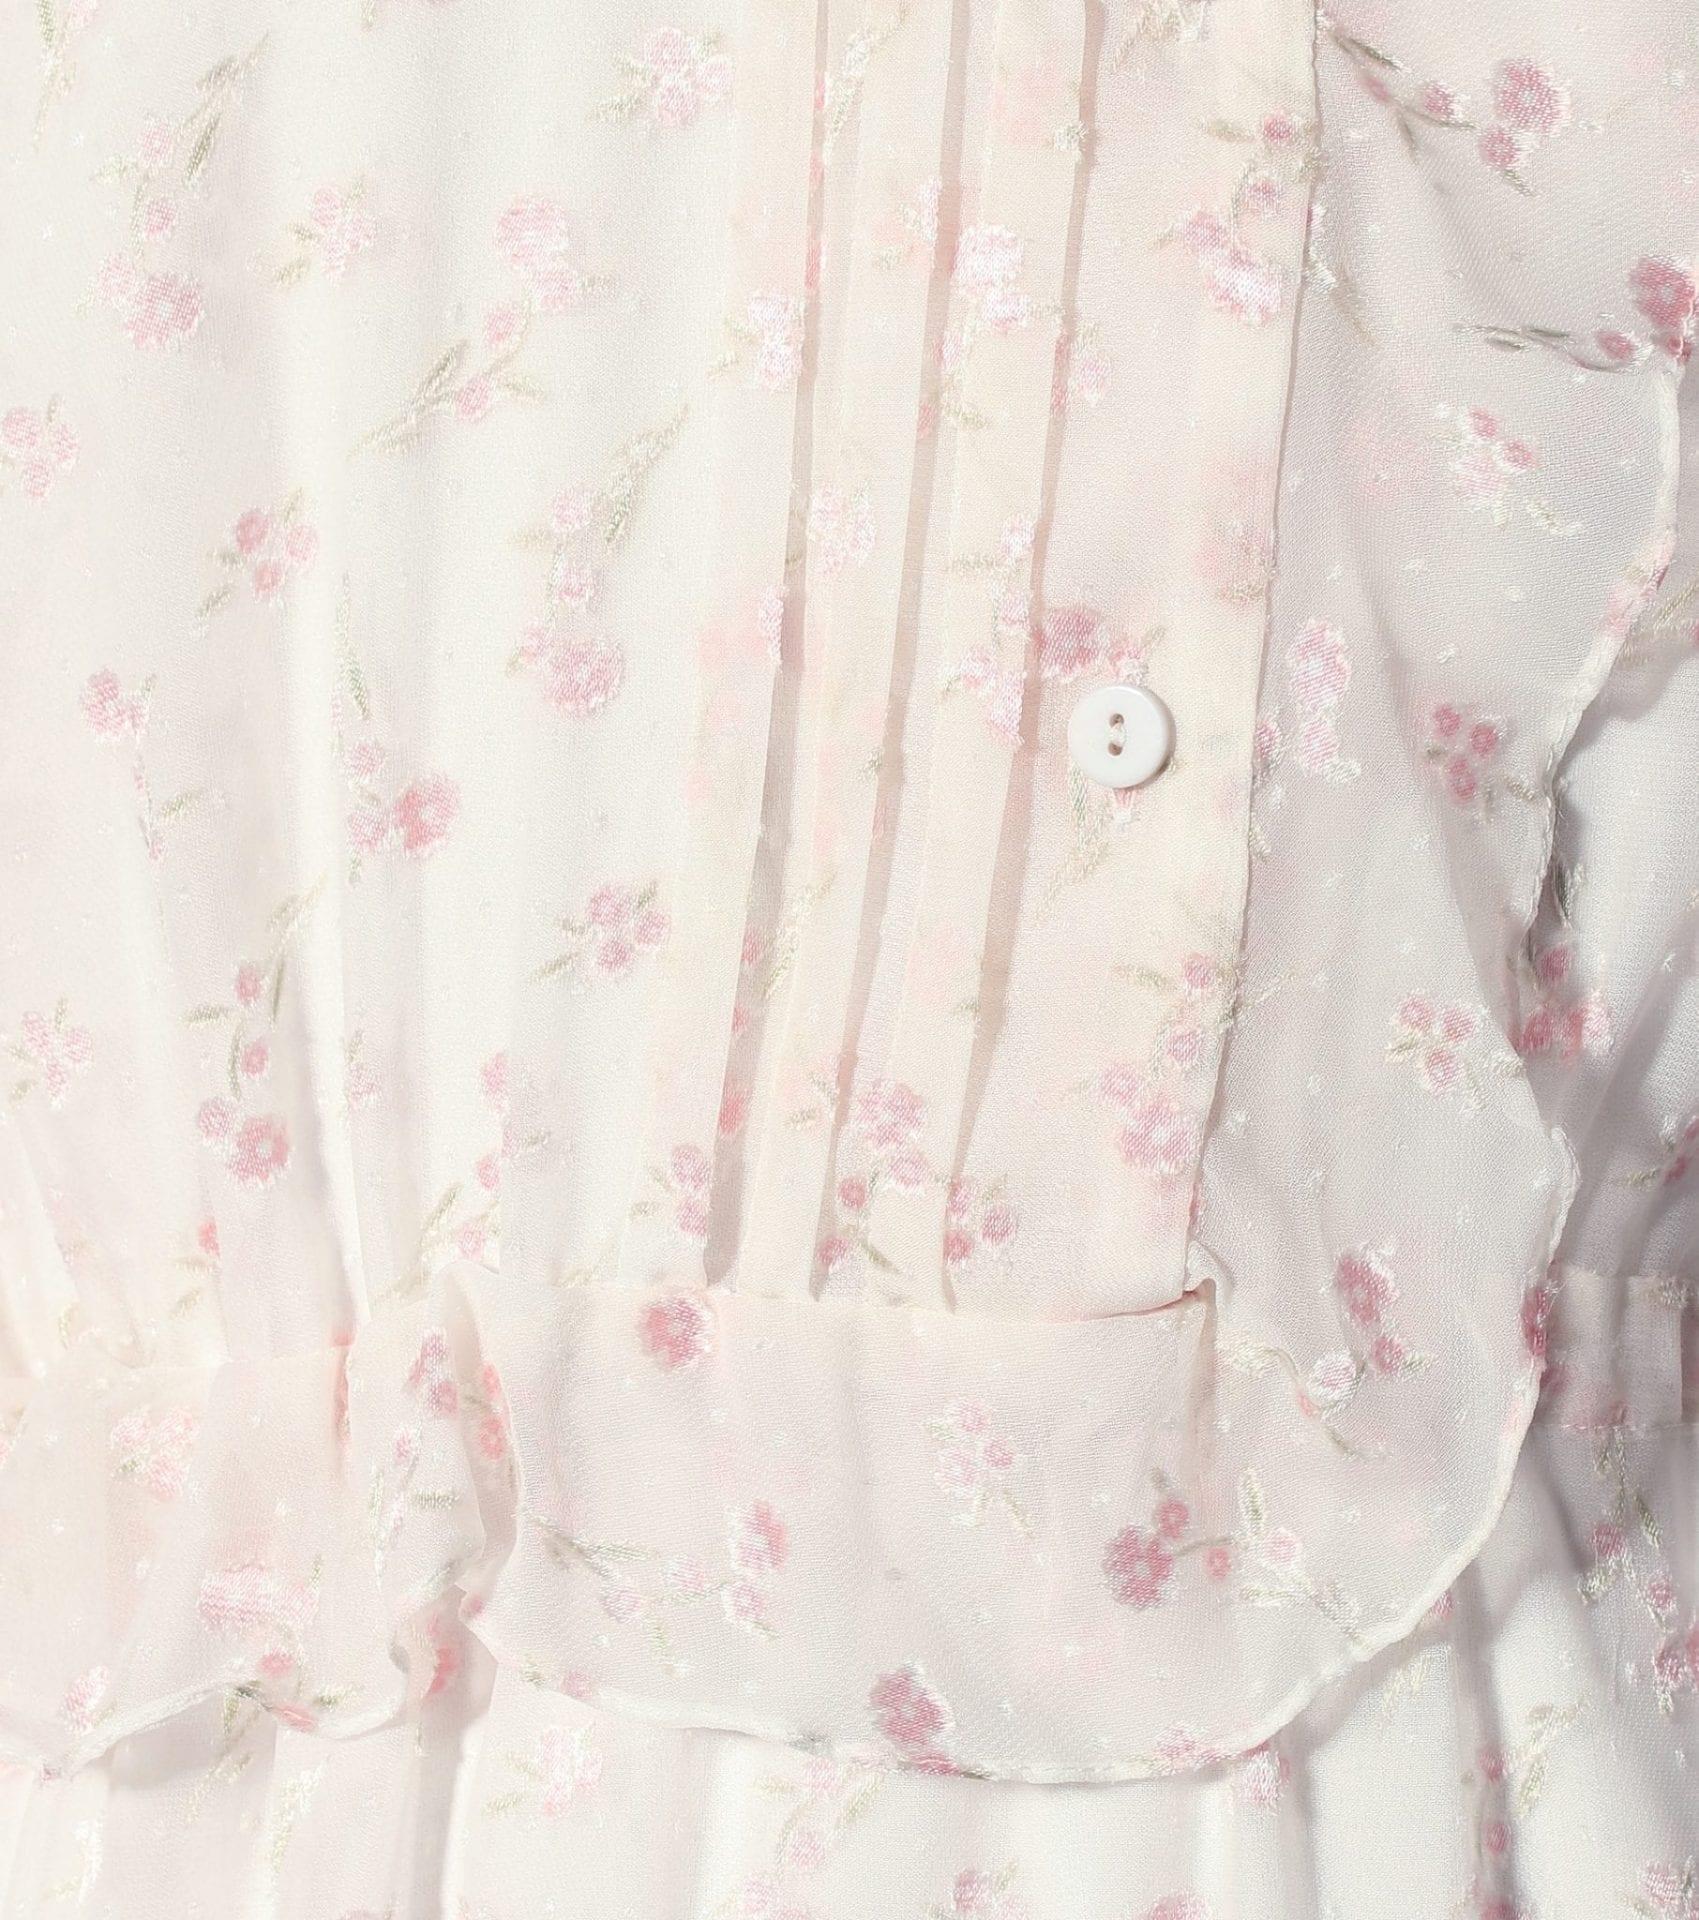 PREEN BY THORNTON BREGAZZI Lana Floral Devoré White Dress